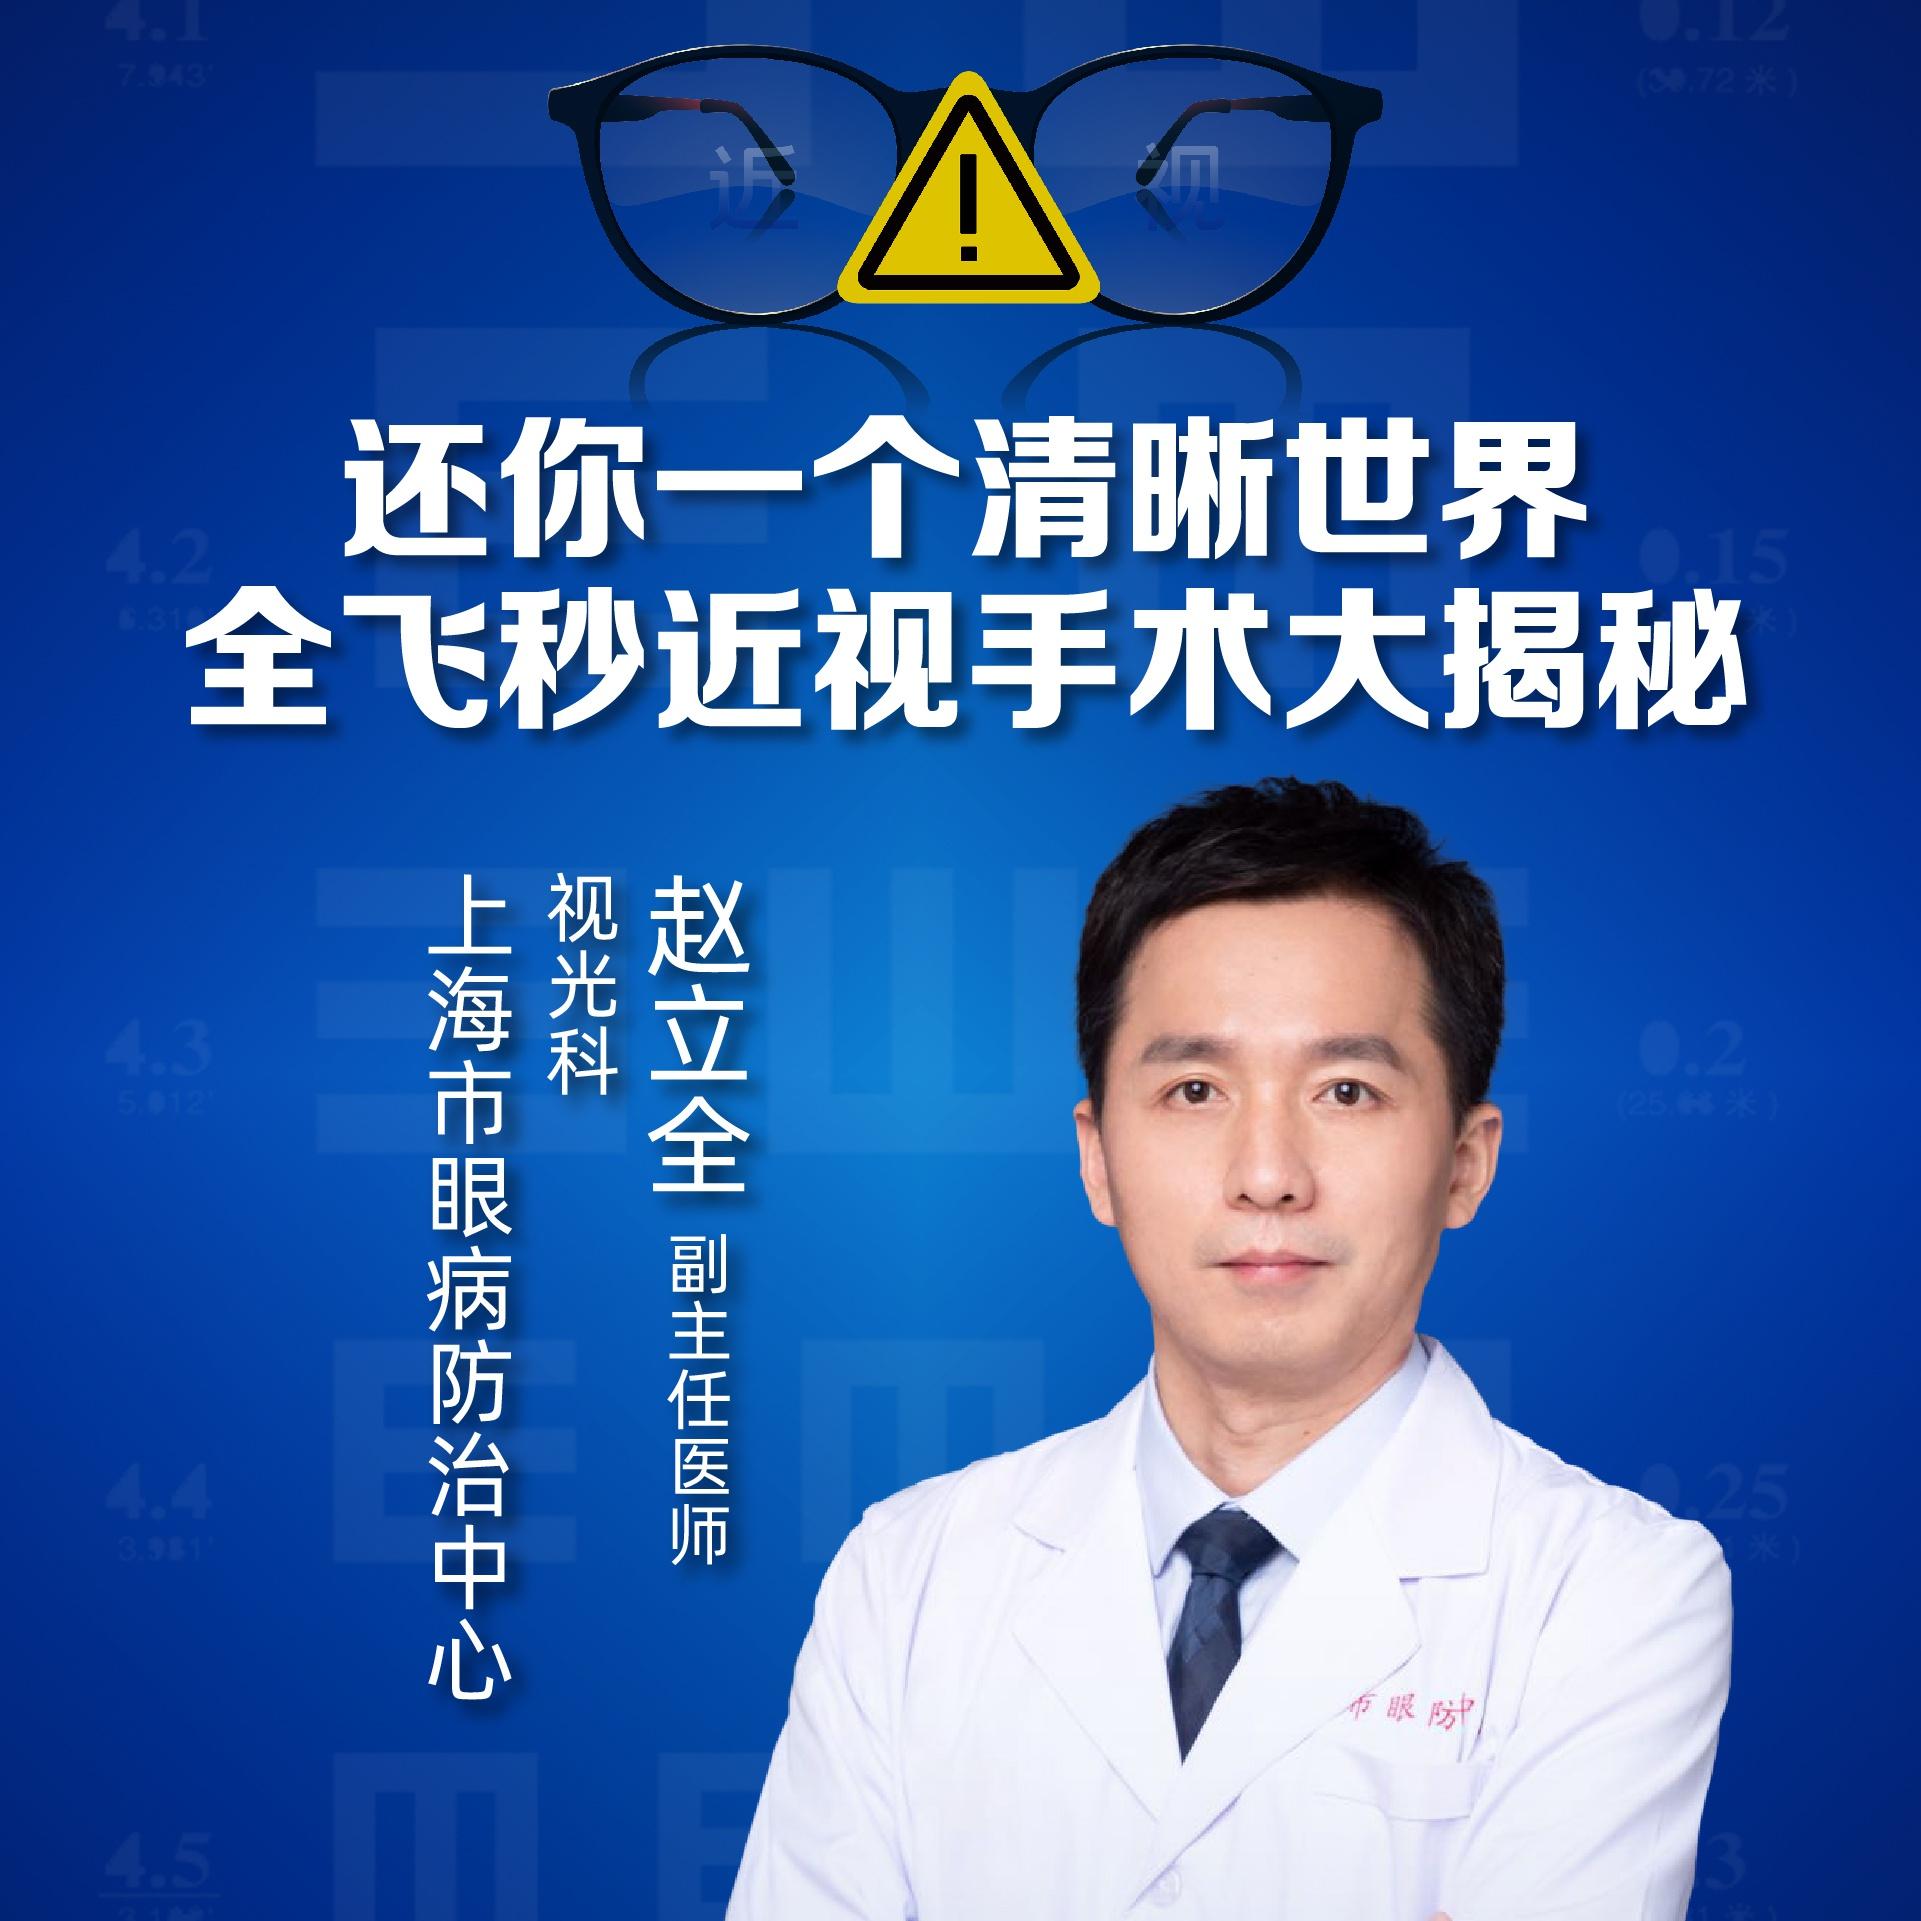 直播|上海市眼病防治中心赵立全:全飞秒近视手术大揭秘